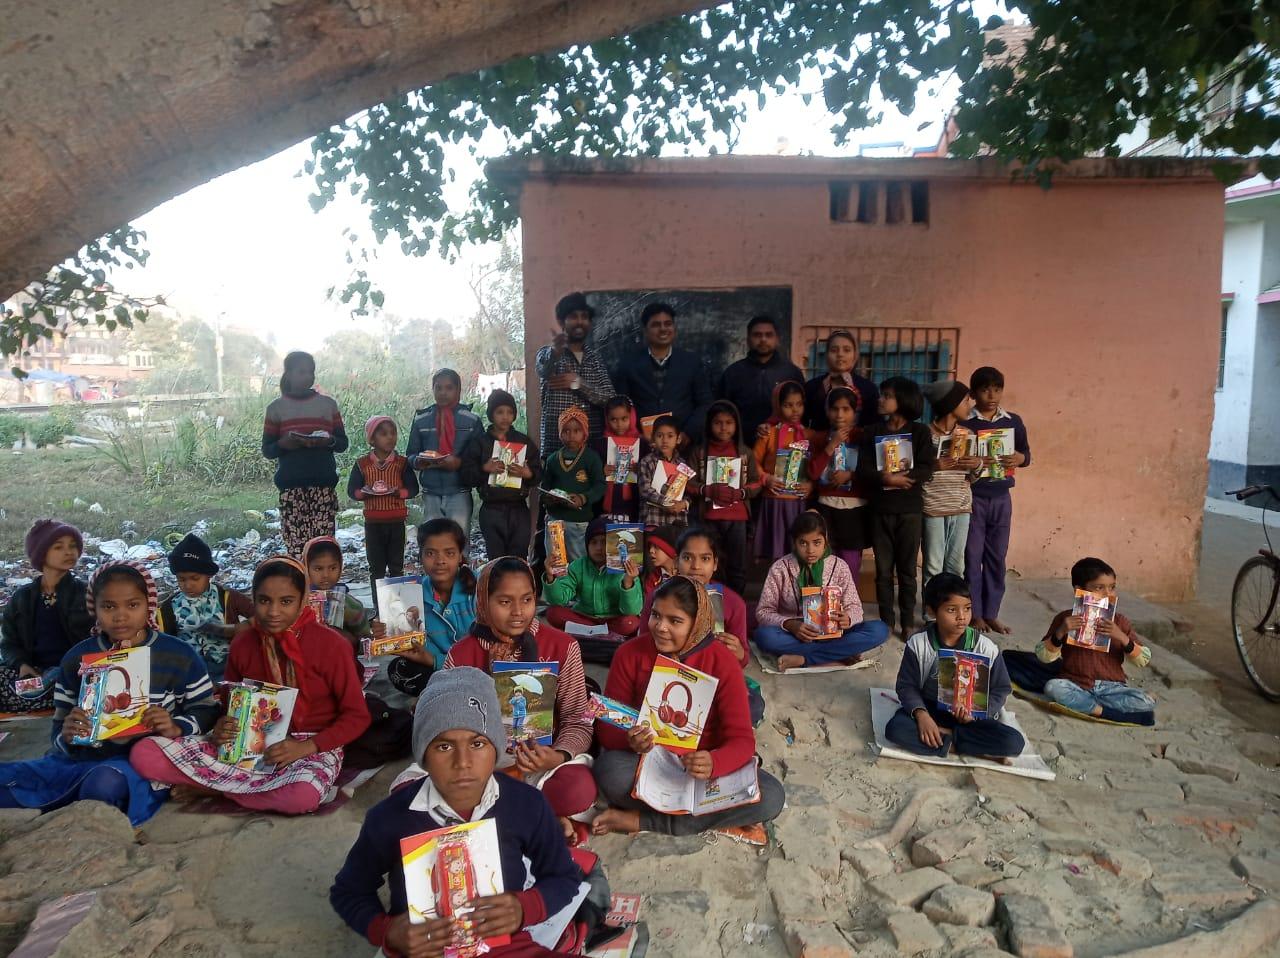 युवा क्रांति रोटी बैंक द्वारा बच्चों के बीच बांटी गई पठन-पाठन सामग्री